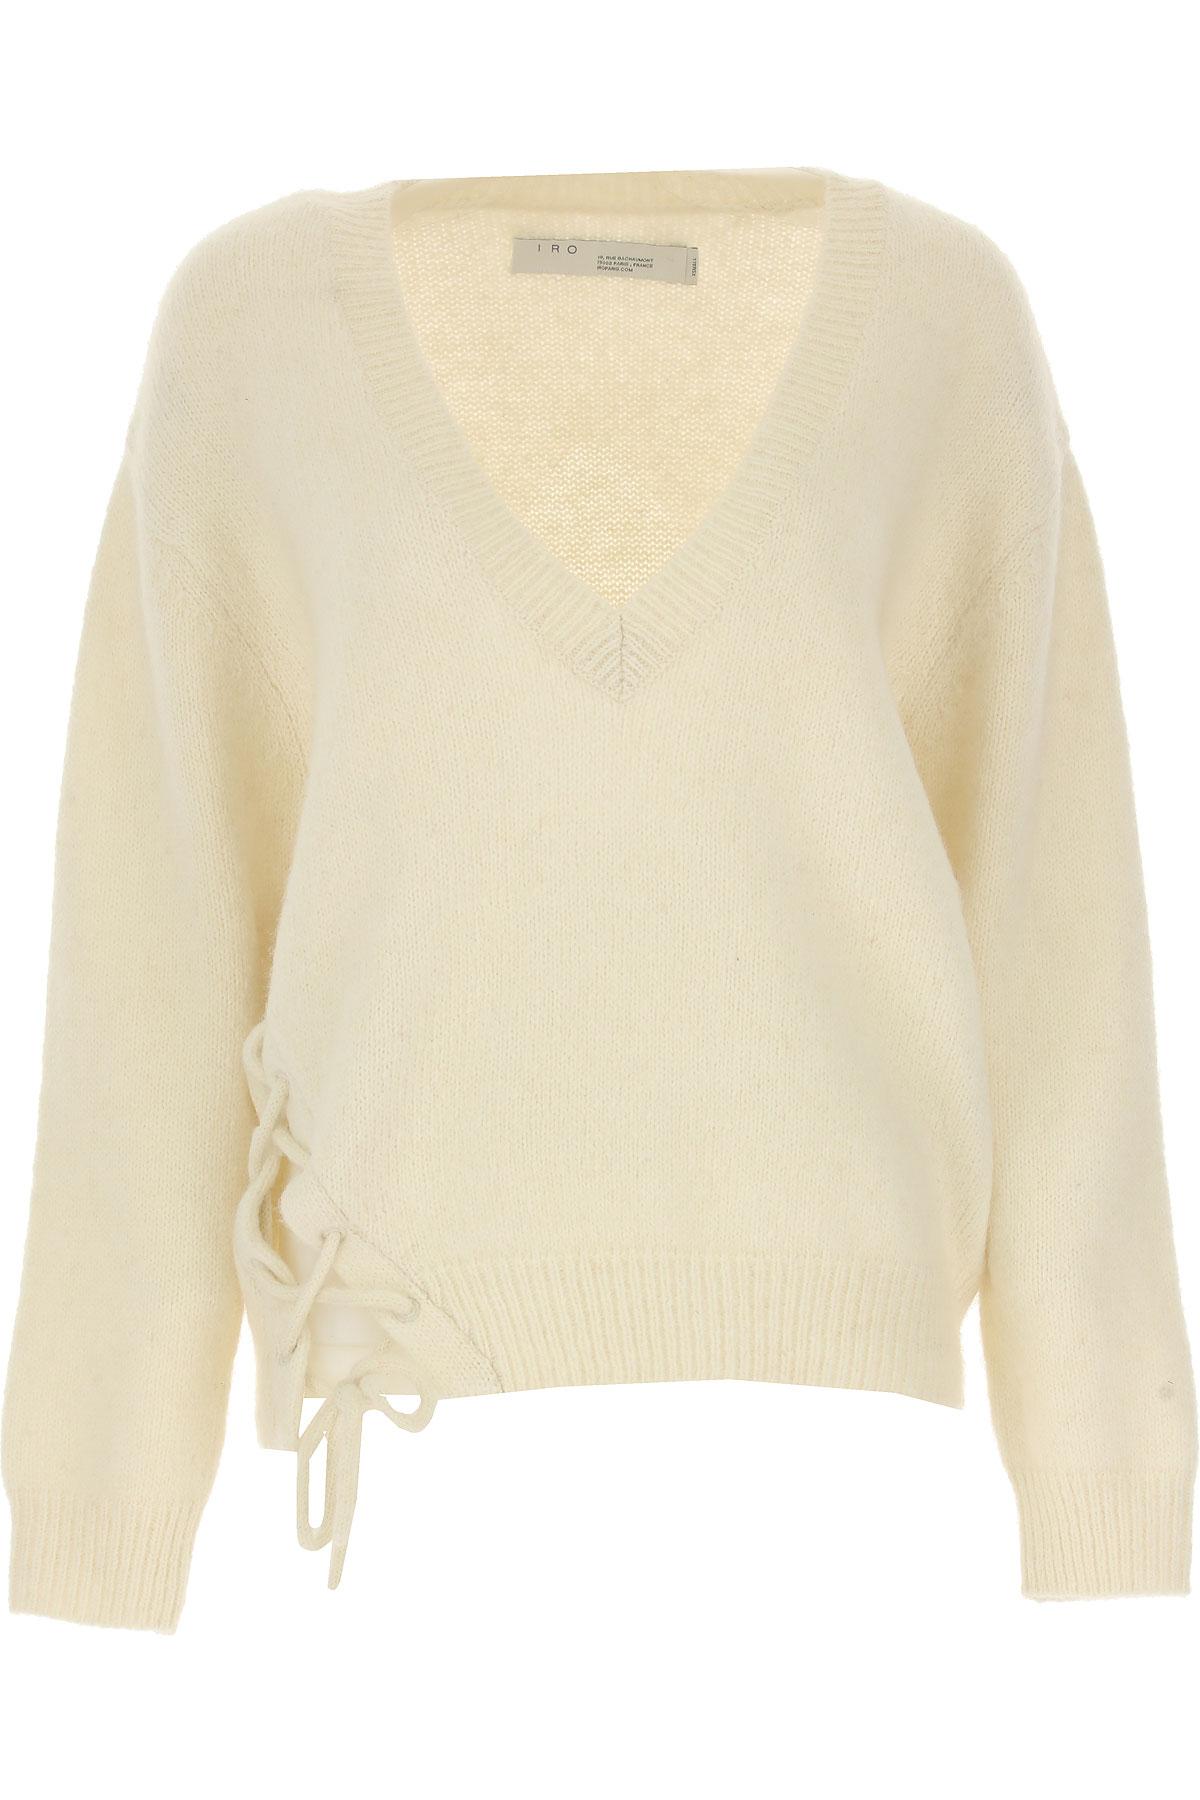 Image of IRO Sweater for Women Jumper, White, alpaca, 2017, 2 4 6